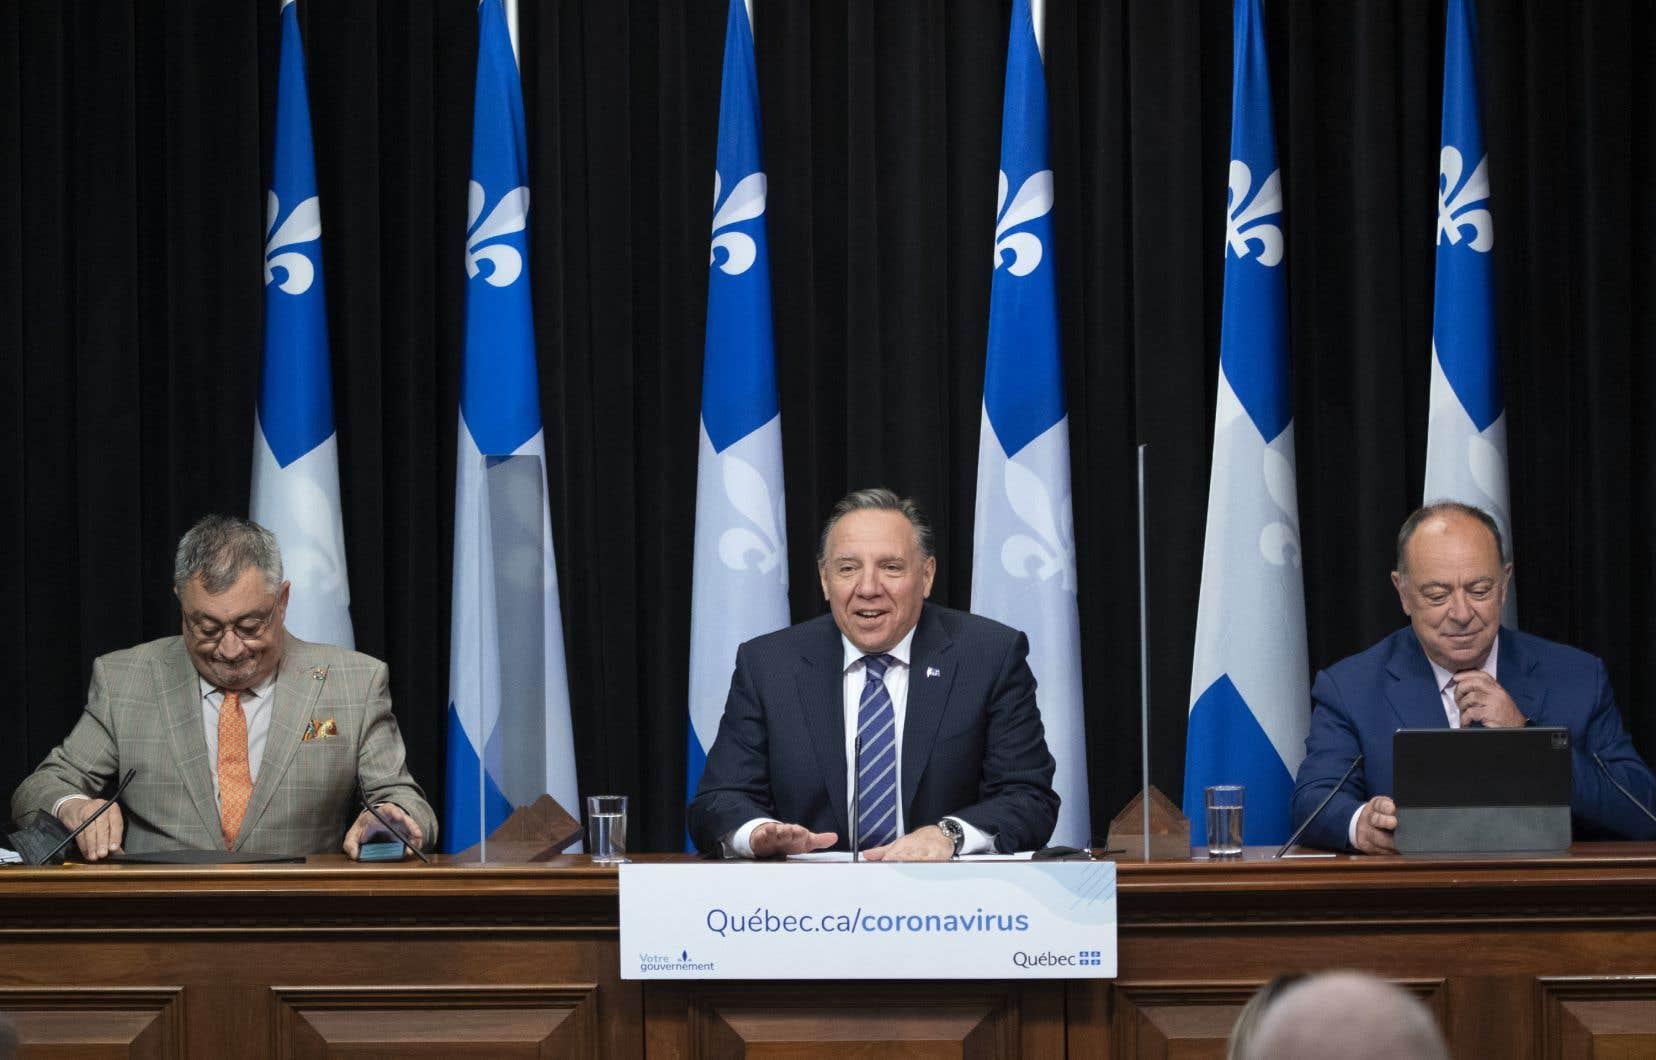 Le directeur national de santé publique, Horacio Arruda, le premier ministre François Legault, et le ministre de la Santé, Christian Dubé